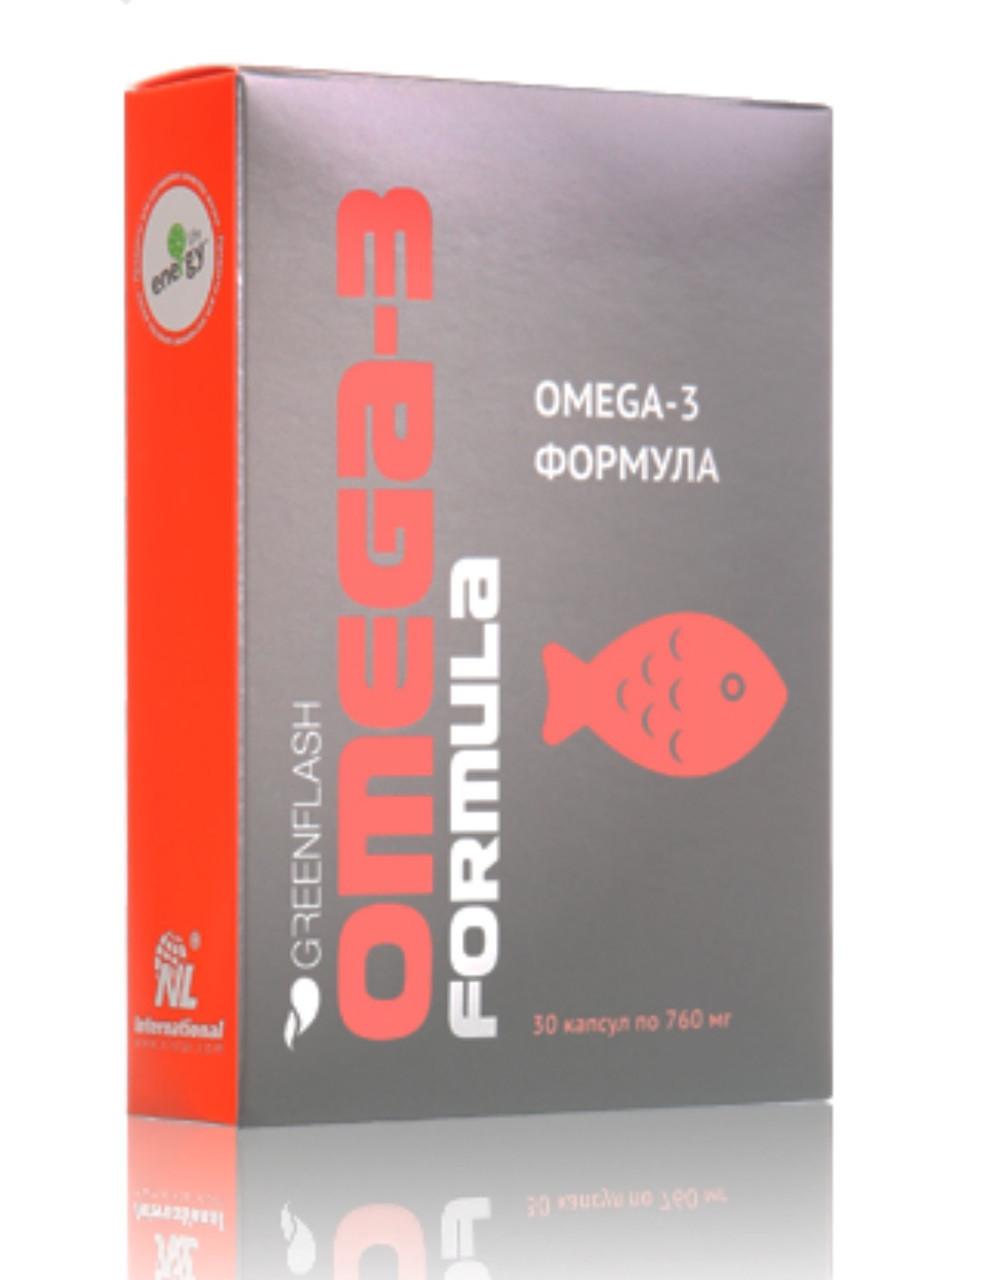 Комплекс полиненасыщенных жирных кислот Омега-3 из морской рыбы северных широт и льняного масла